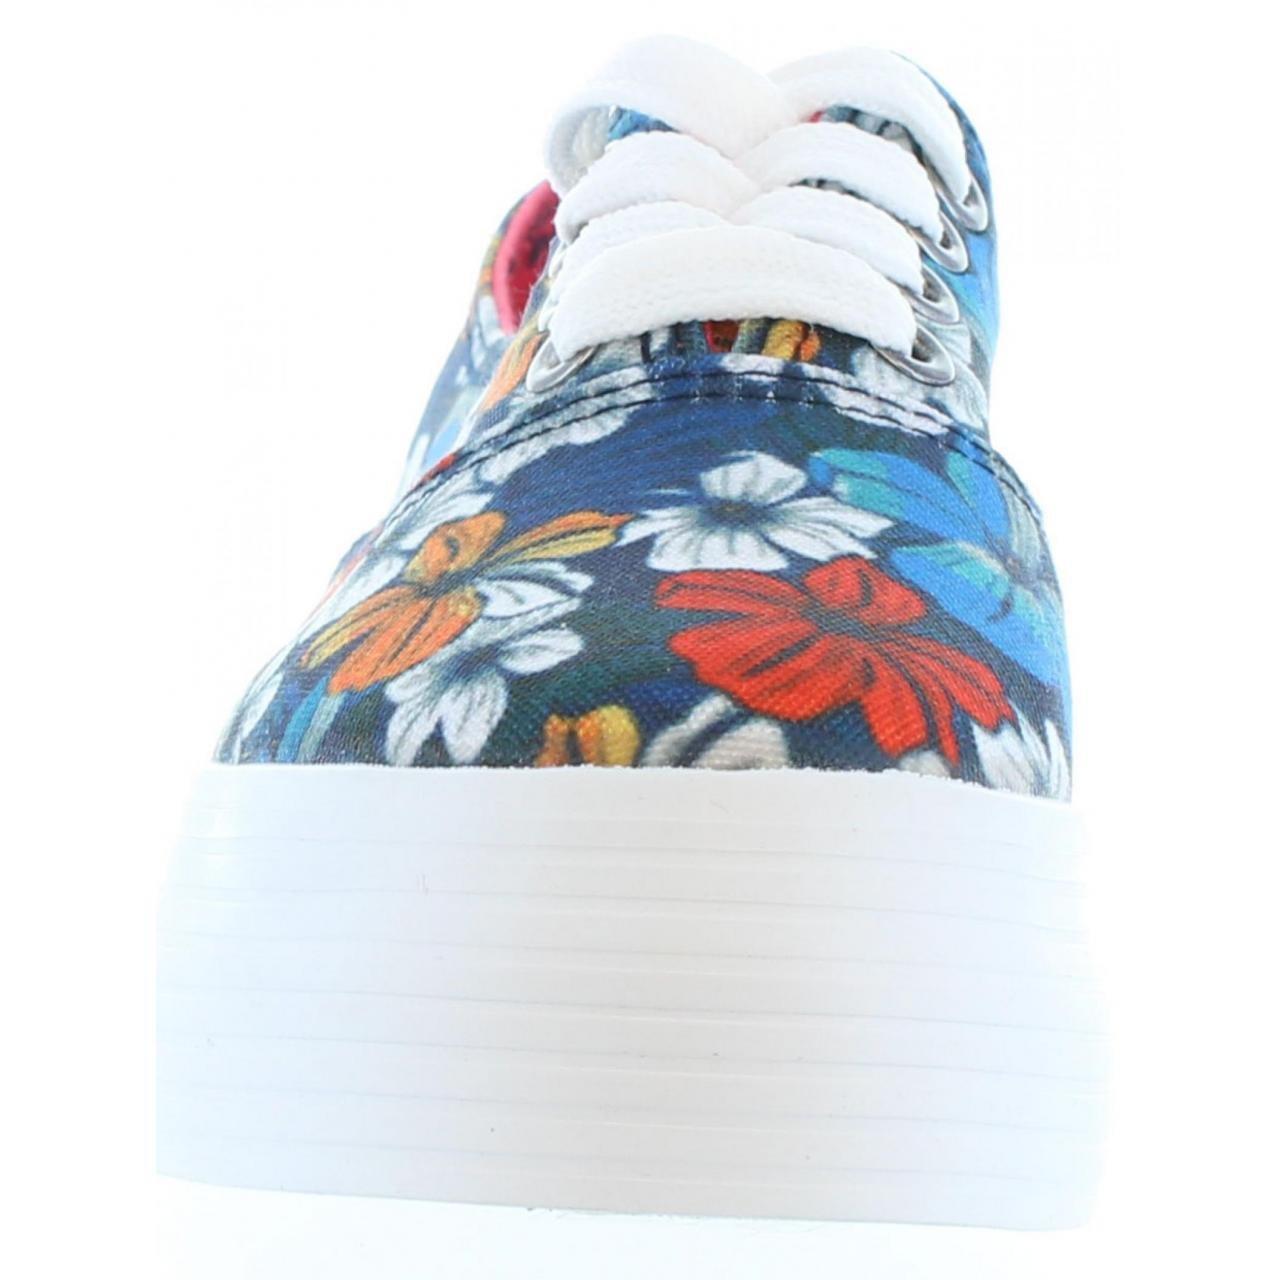 Deportivas de Mujer MTNG 69571 Polinesia Azul Talla 40: Amazon.es: Zapatos y complementos